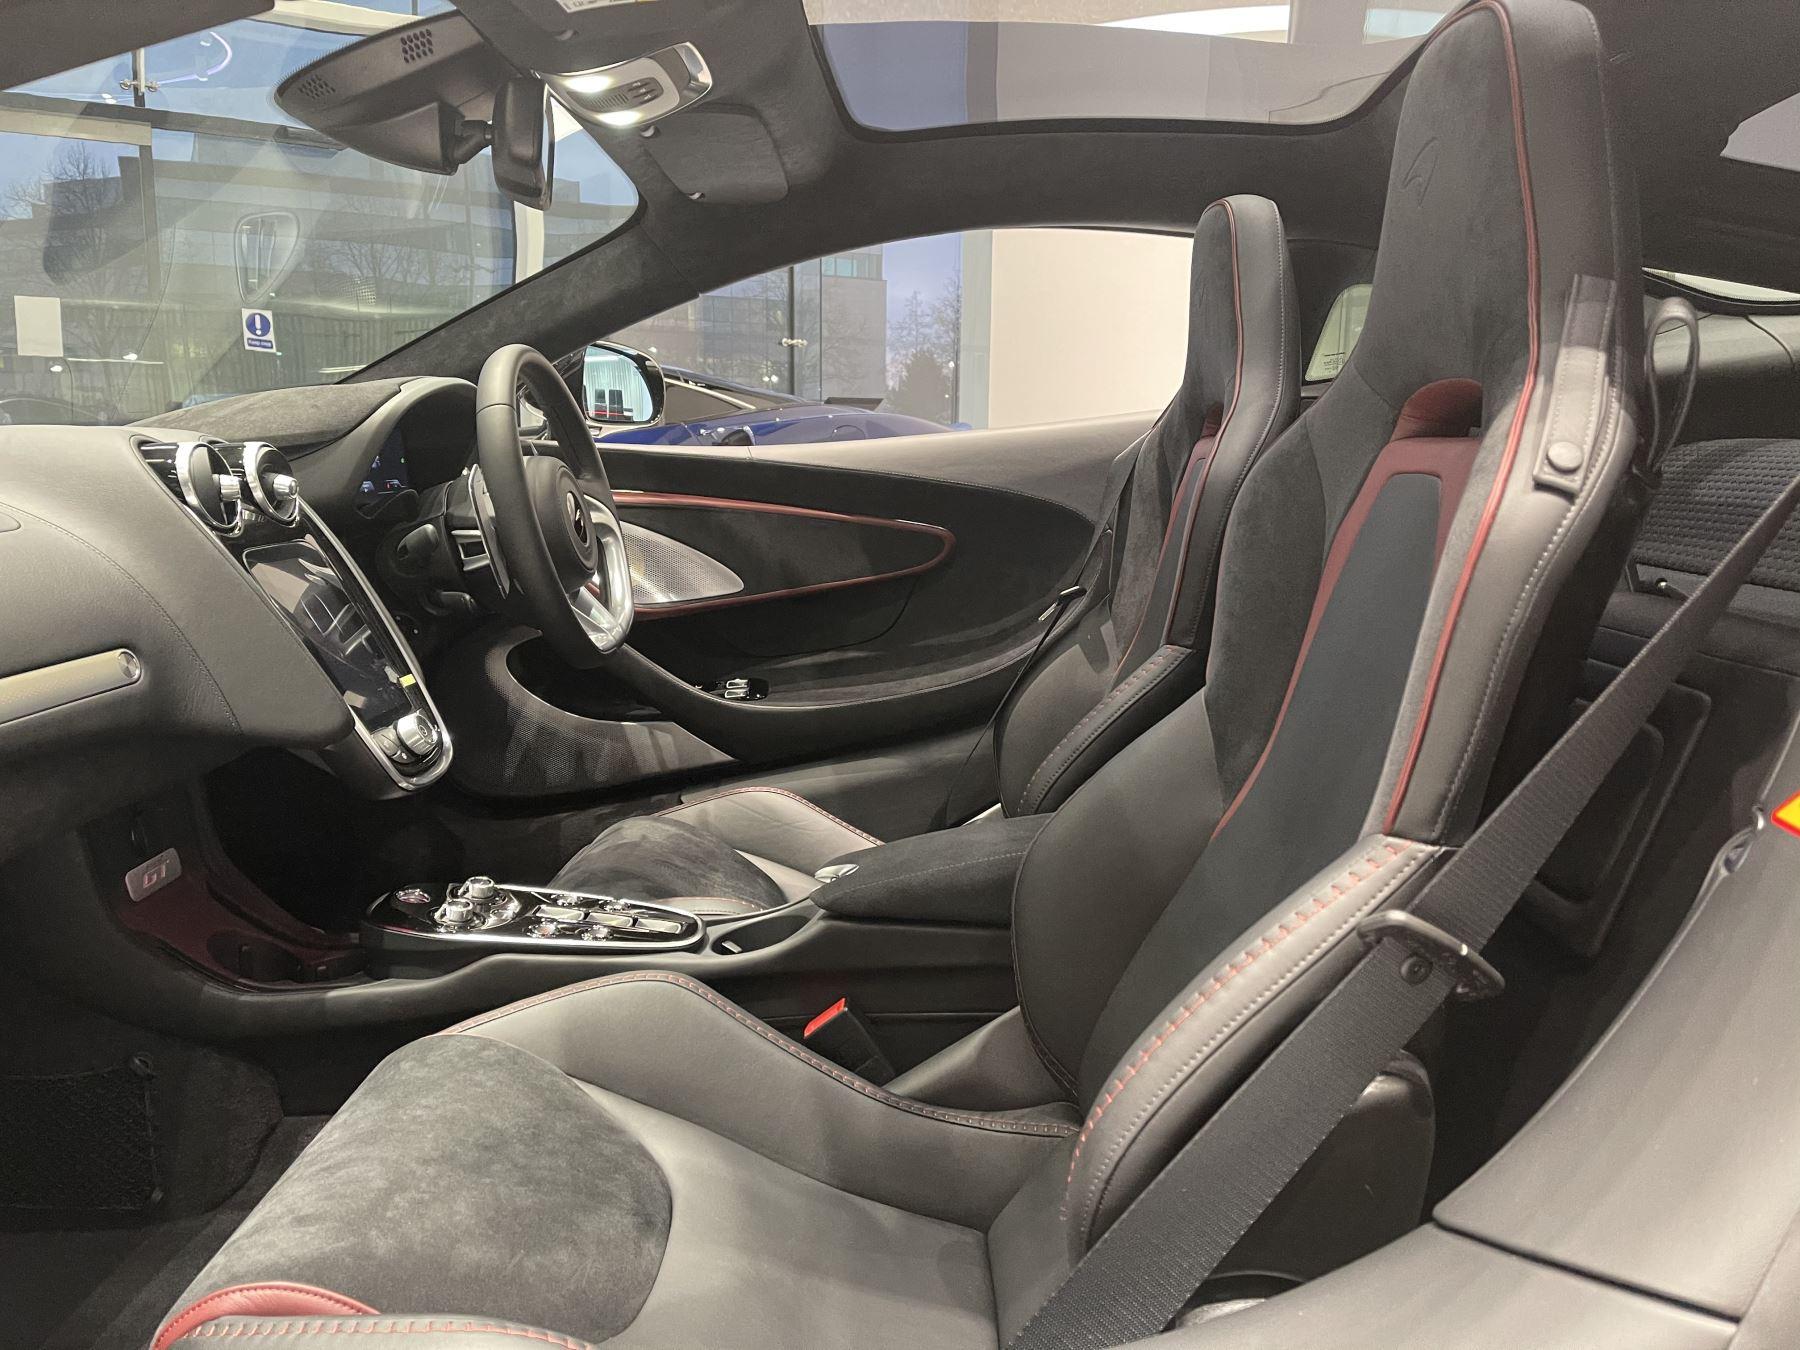 McLaren GT 4.0 V8 2dr image 21